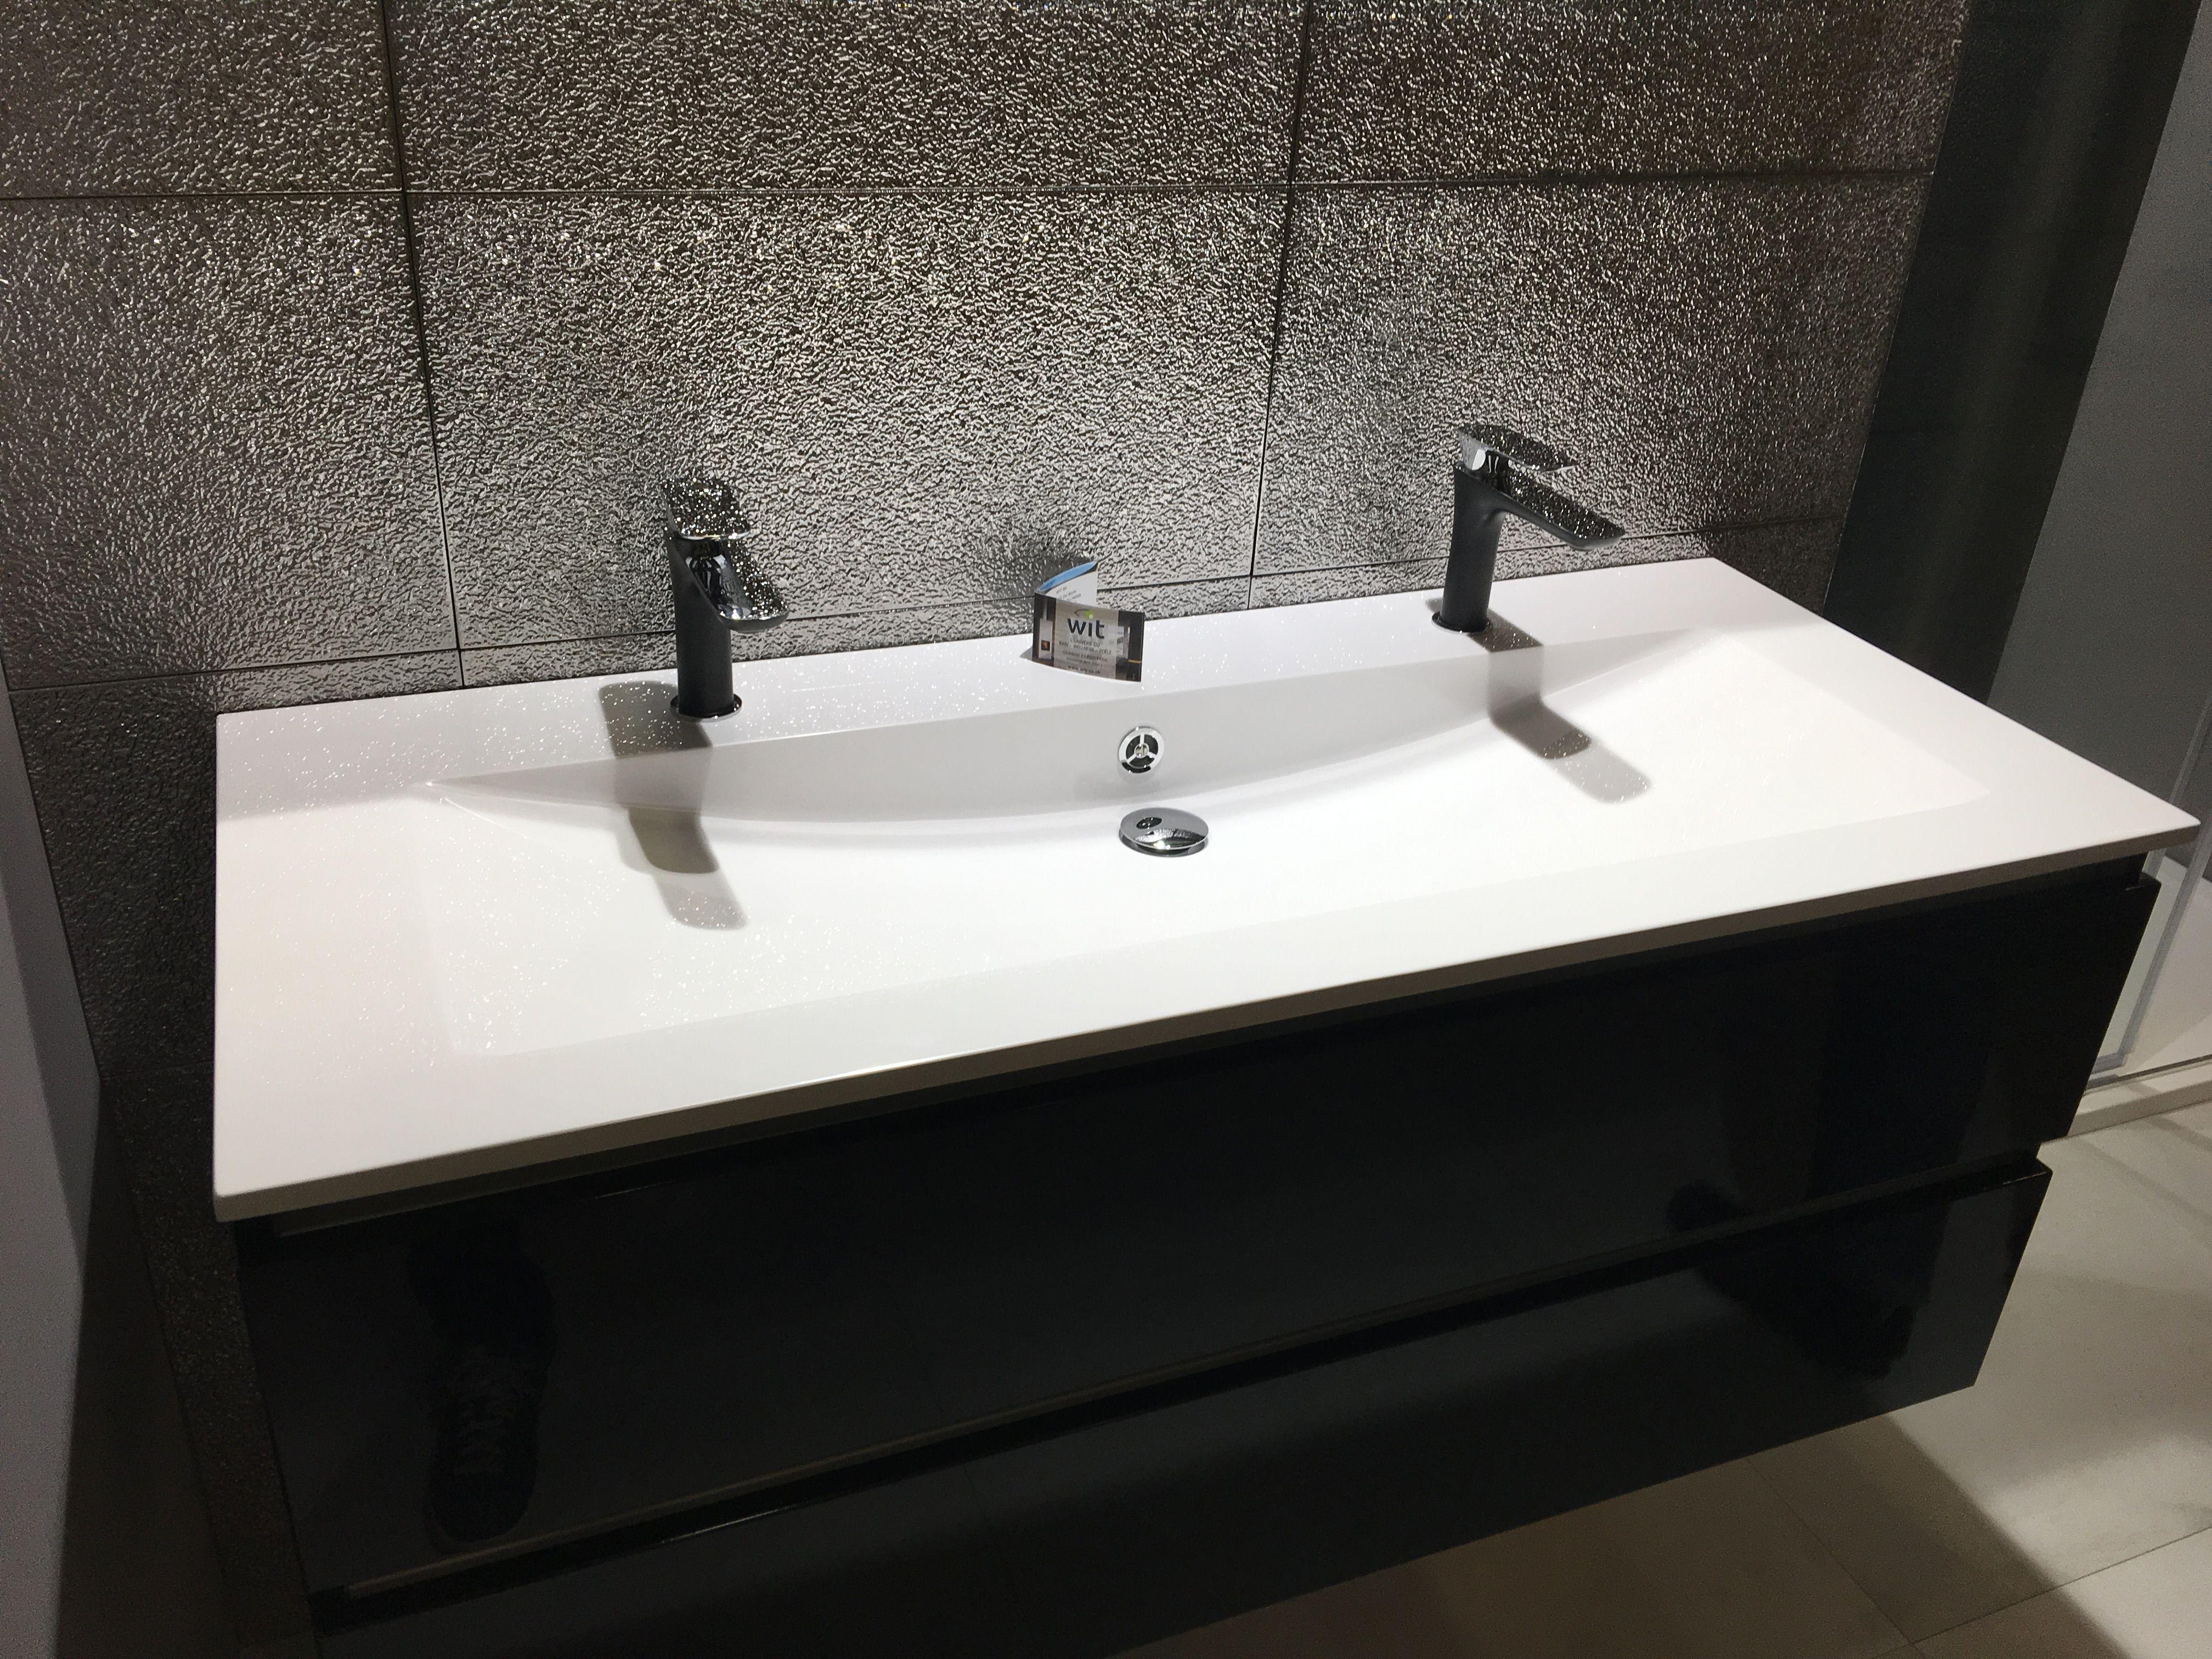 une grande vasque mais deux robinets | Rénovation salle de ...